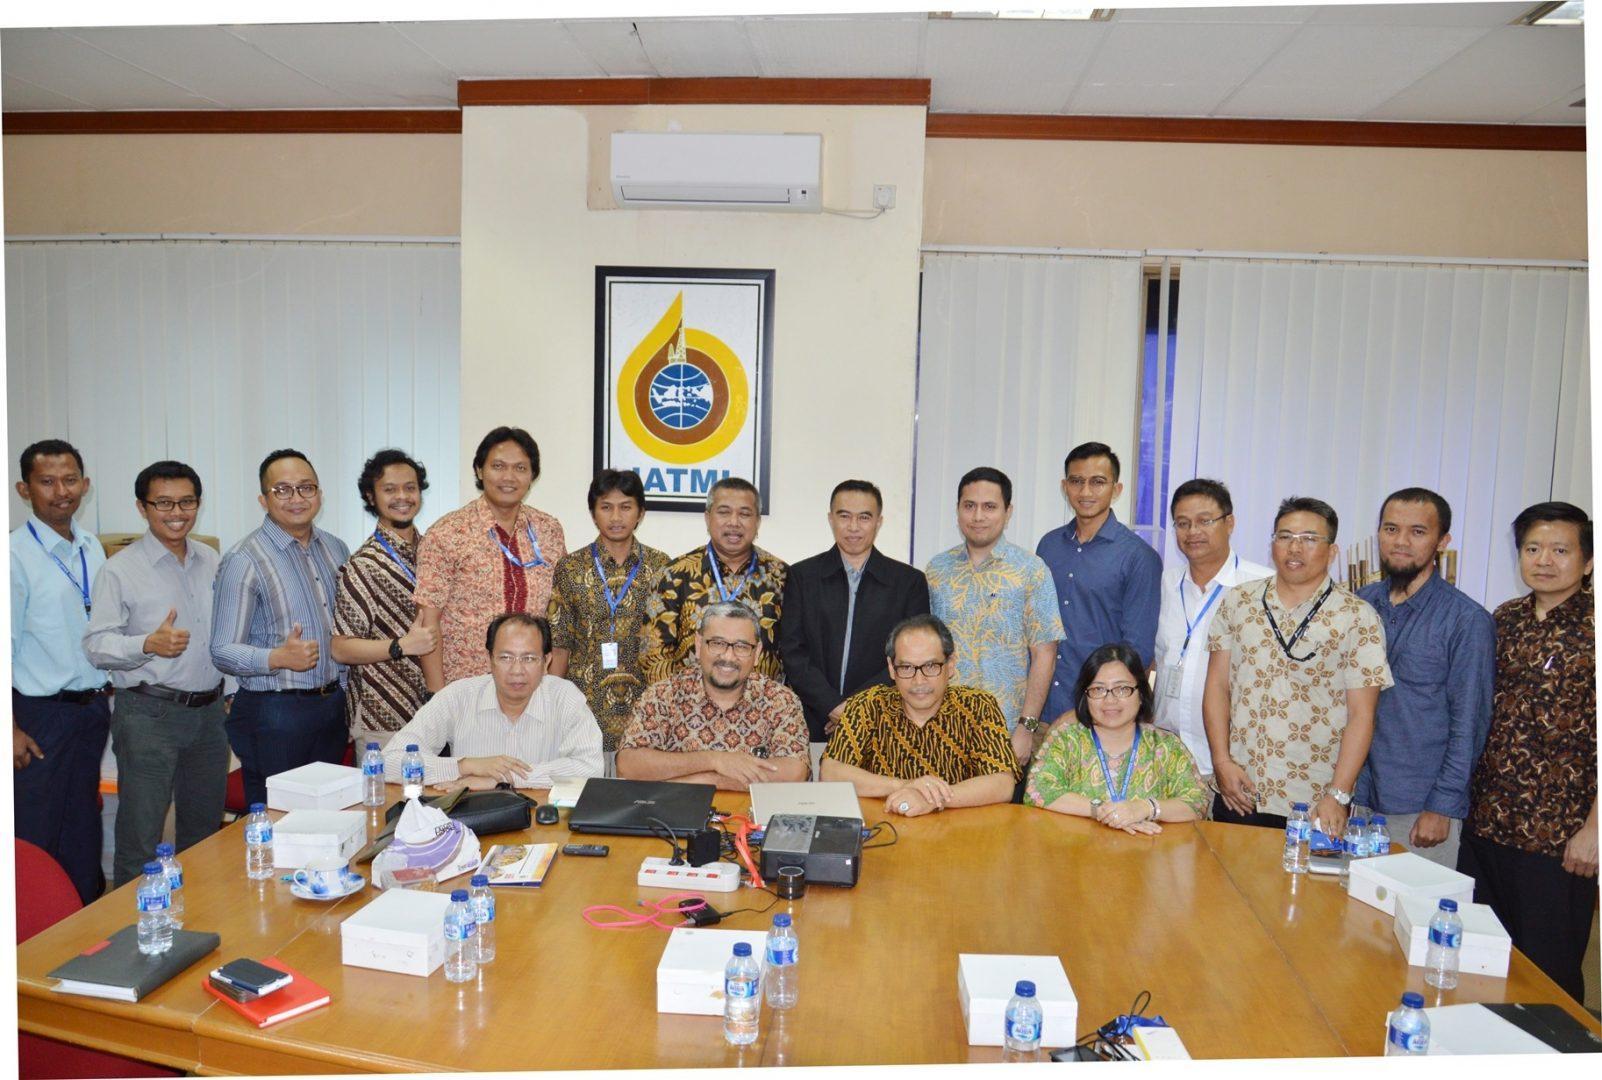 Rapat Perdana Pengurus IATMI 2016-2019